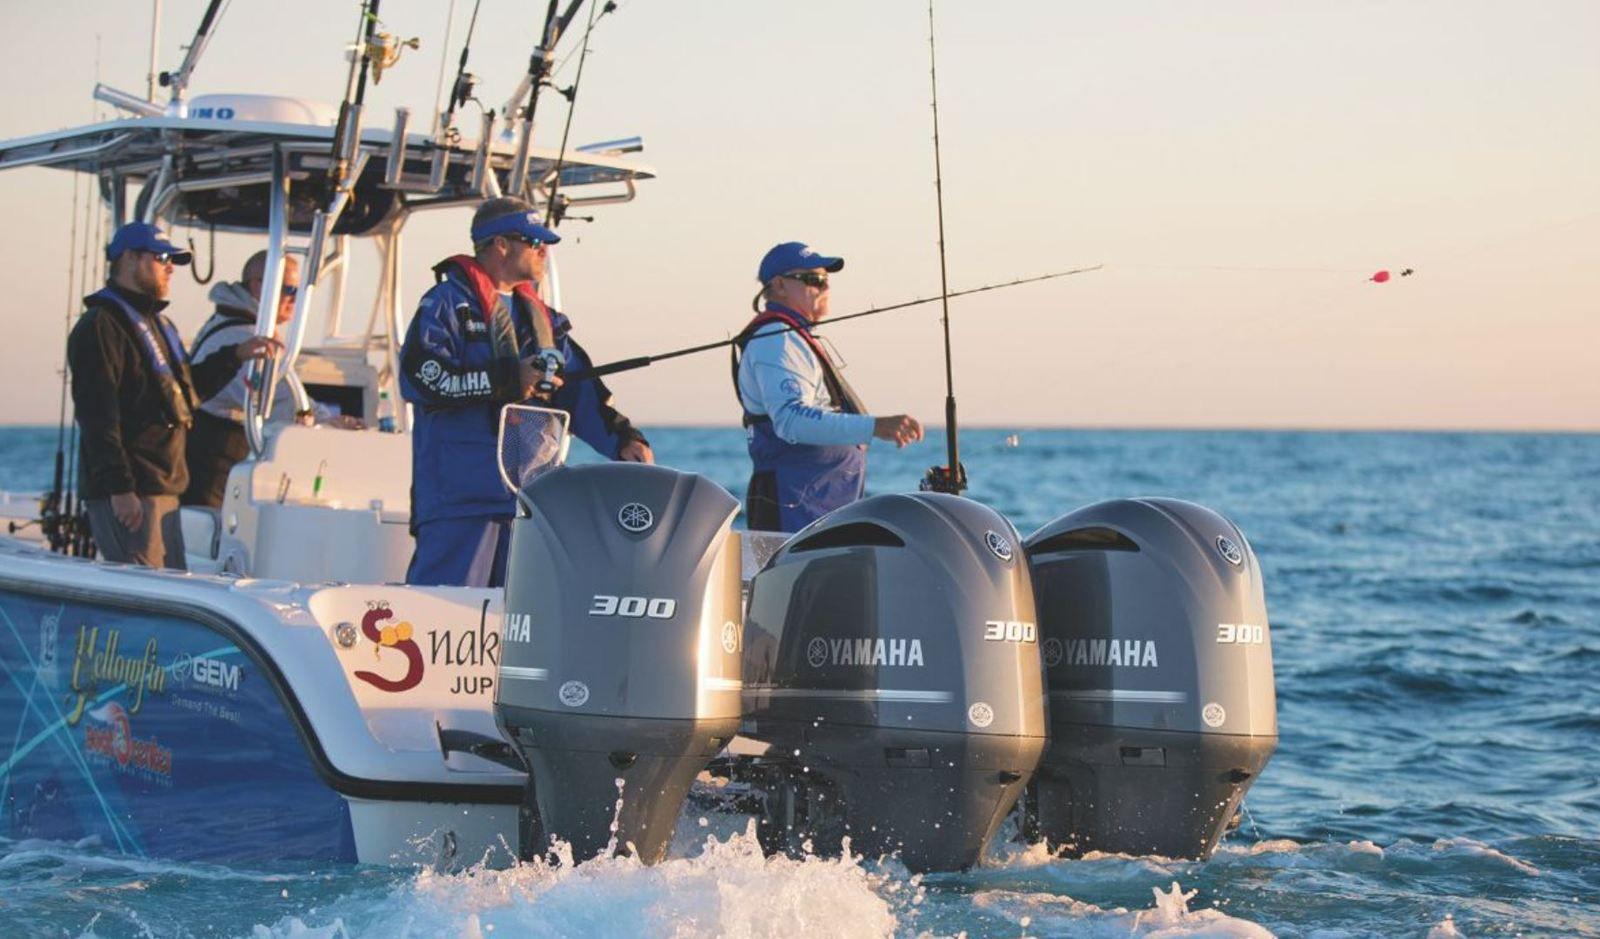 Yamaha Helm Master, per un'esperienza di guida fuoribordo multimotore senza rivali